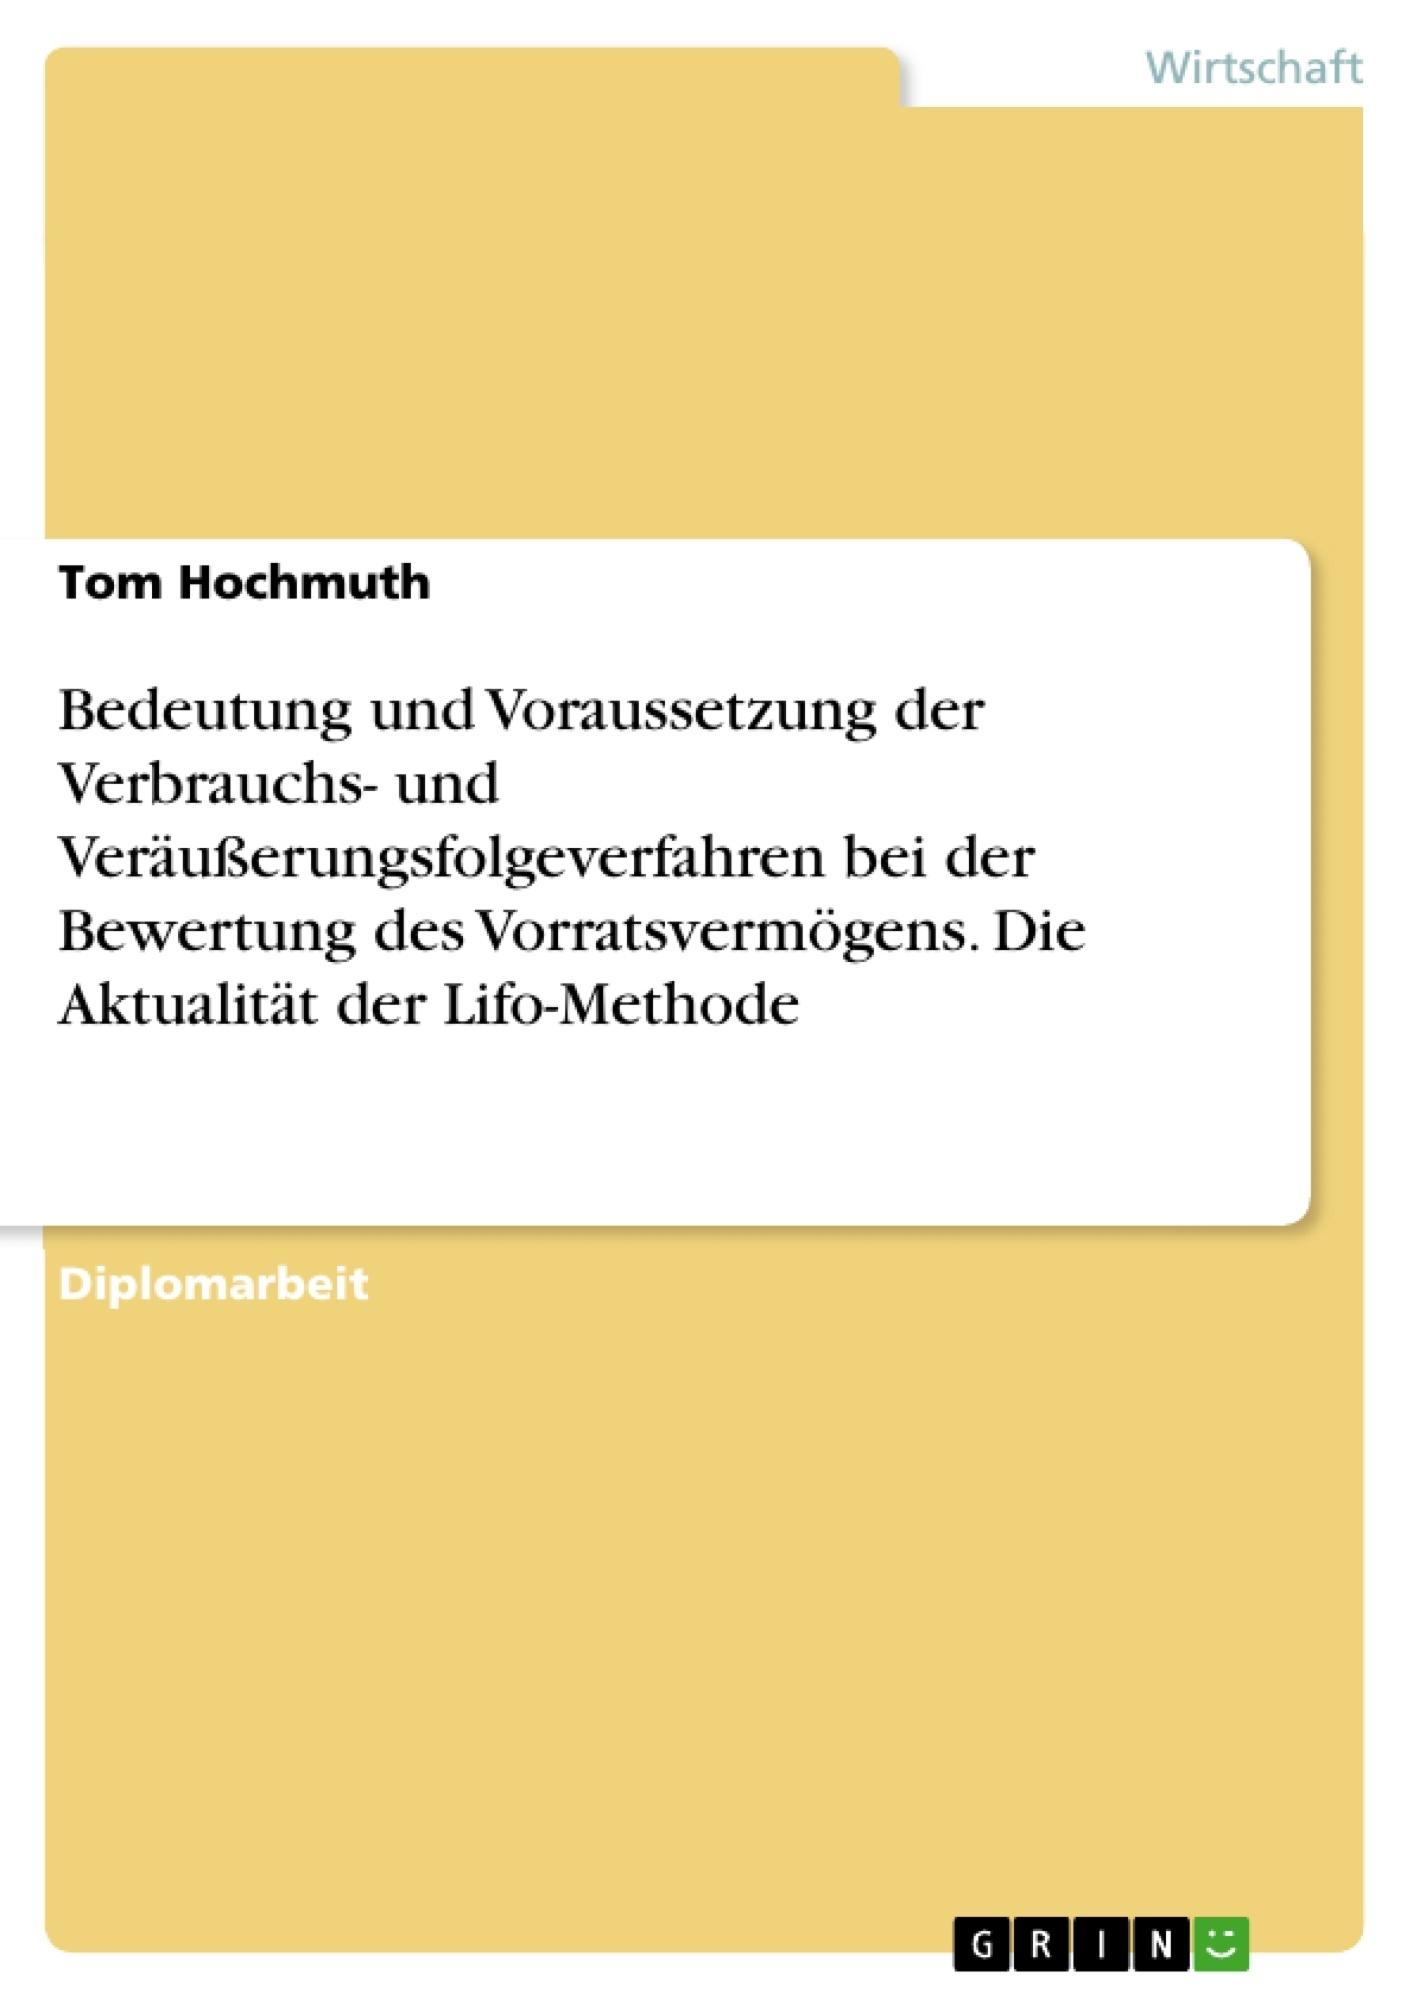 Titel: Bedeutung und Voraussetzung der Verbrauchs- und Veräußerungsfolgeverfahren bei der Bewertung des Vorratsvermögens. Die Aktualität der Lifo-Methode